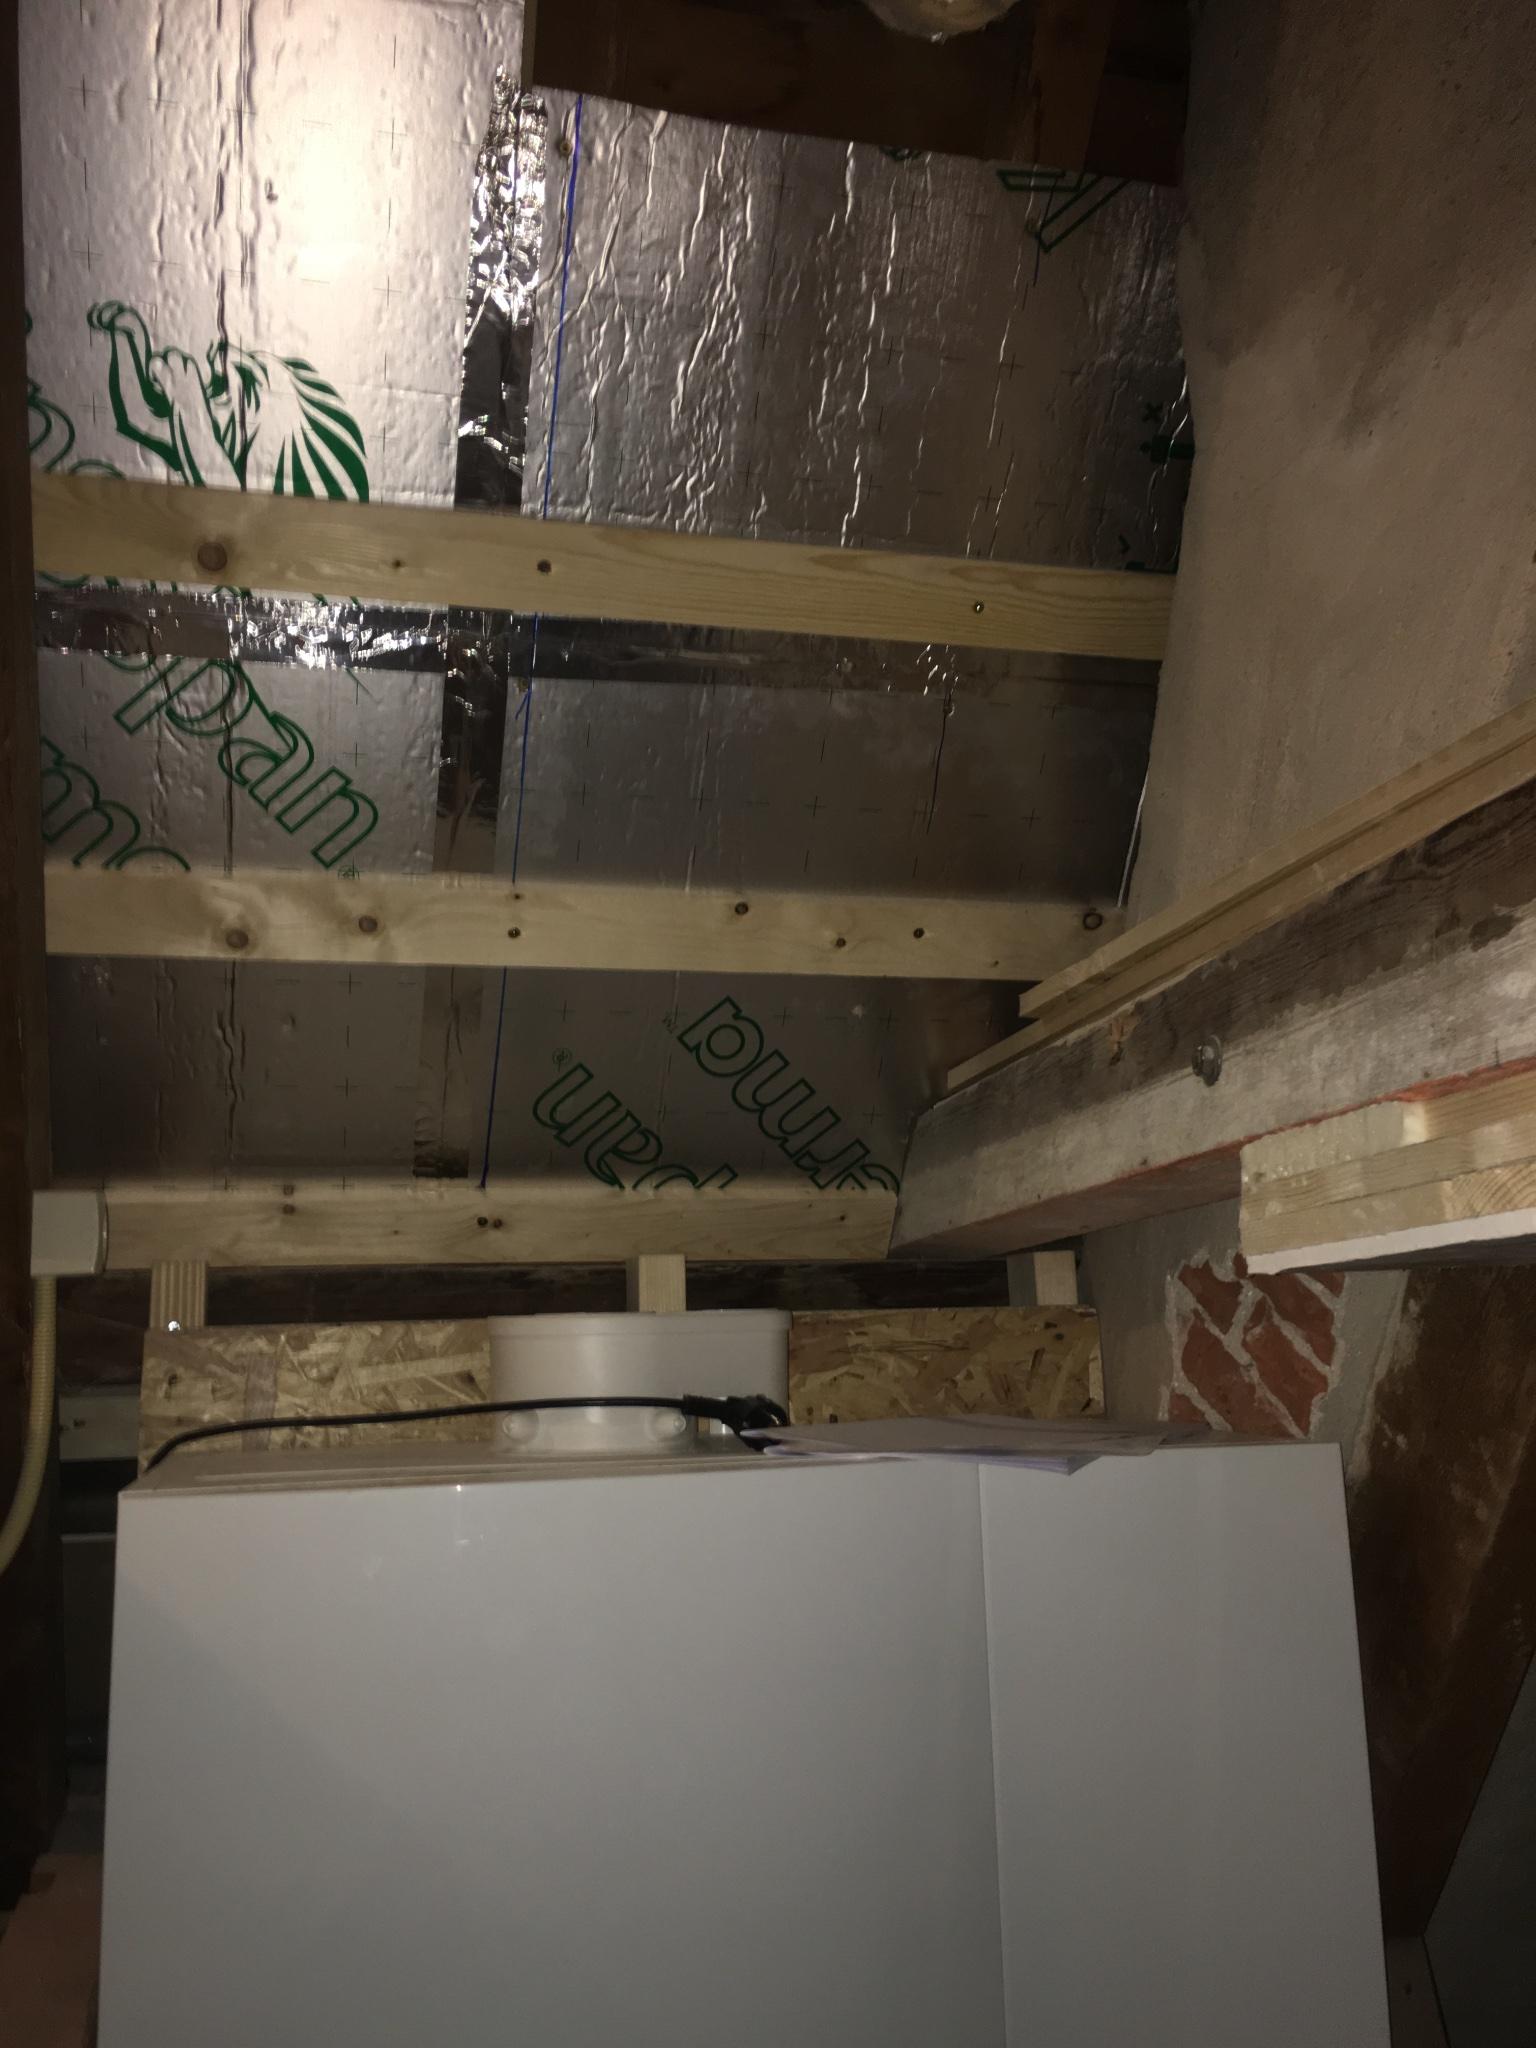 2x dakdoorvoer tbv CV-ketels en 2x dakdoorvoer tbv ventilatie - Werkspot